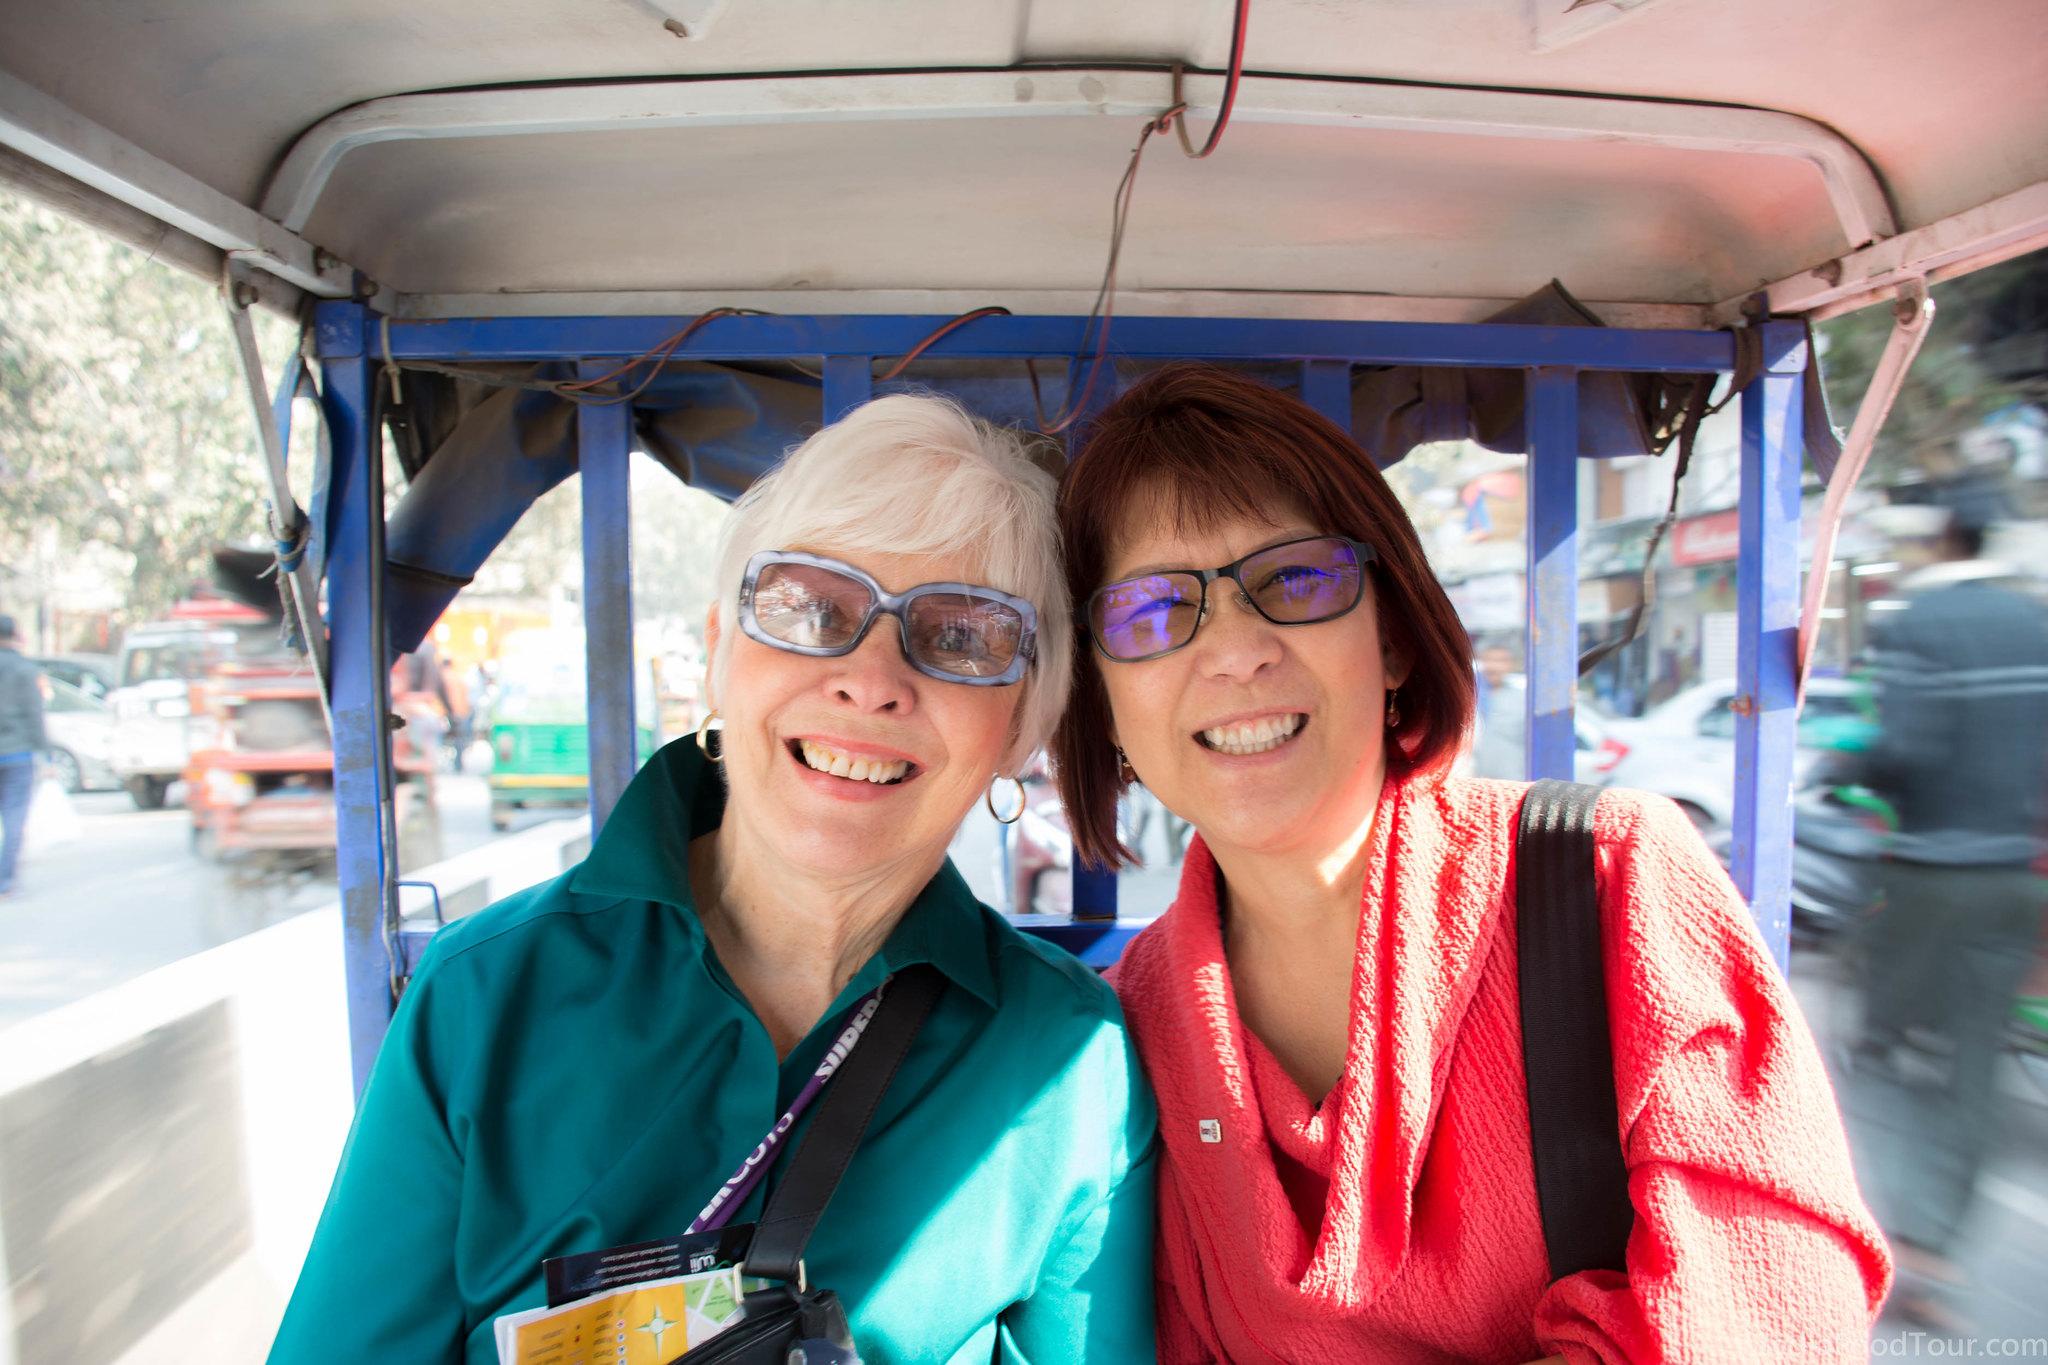 Enjoying a rickshaw ride in Chandni Chowk